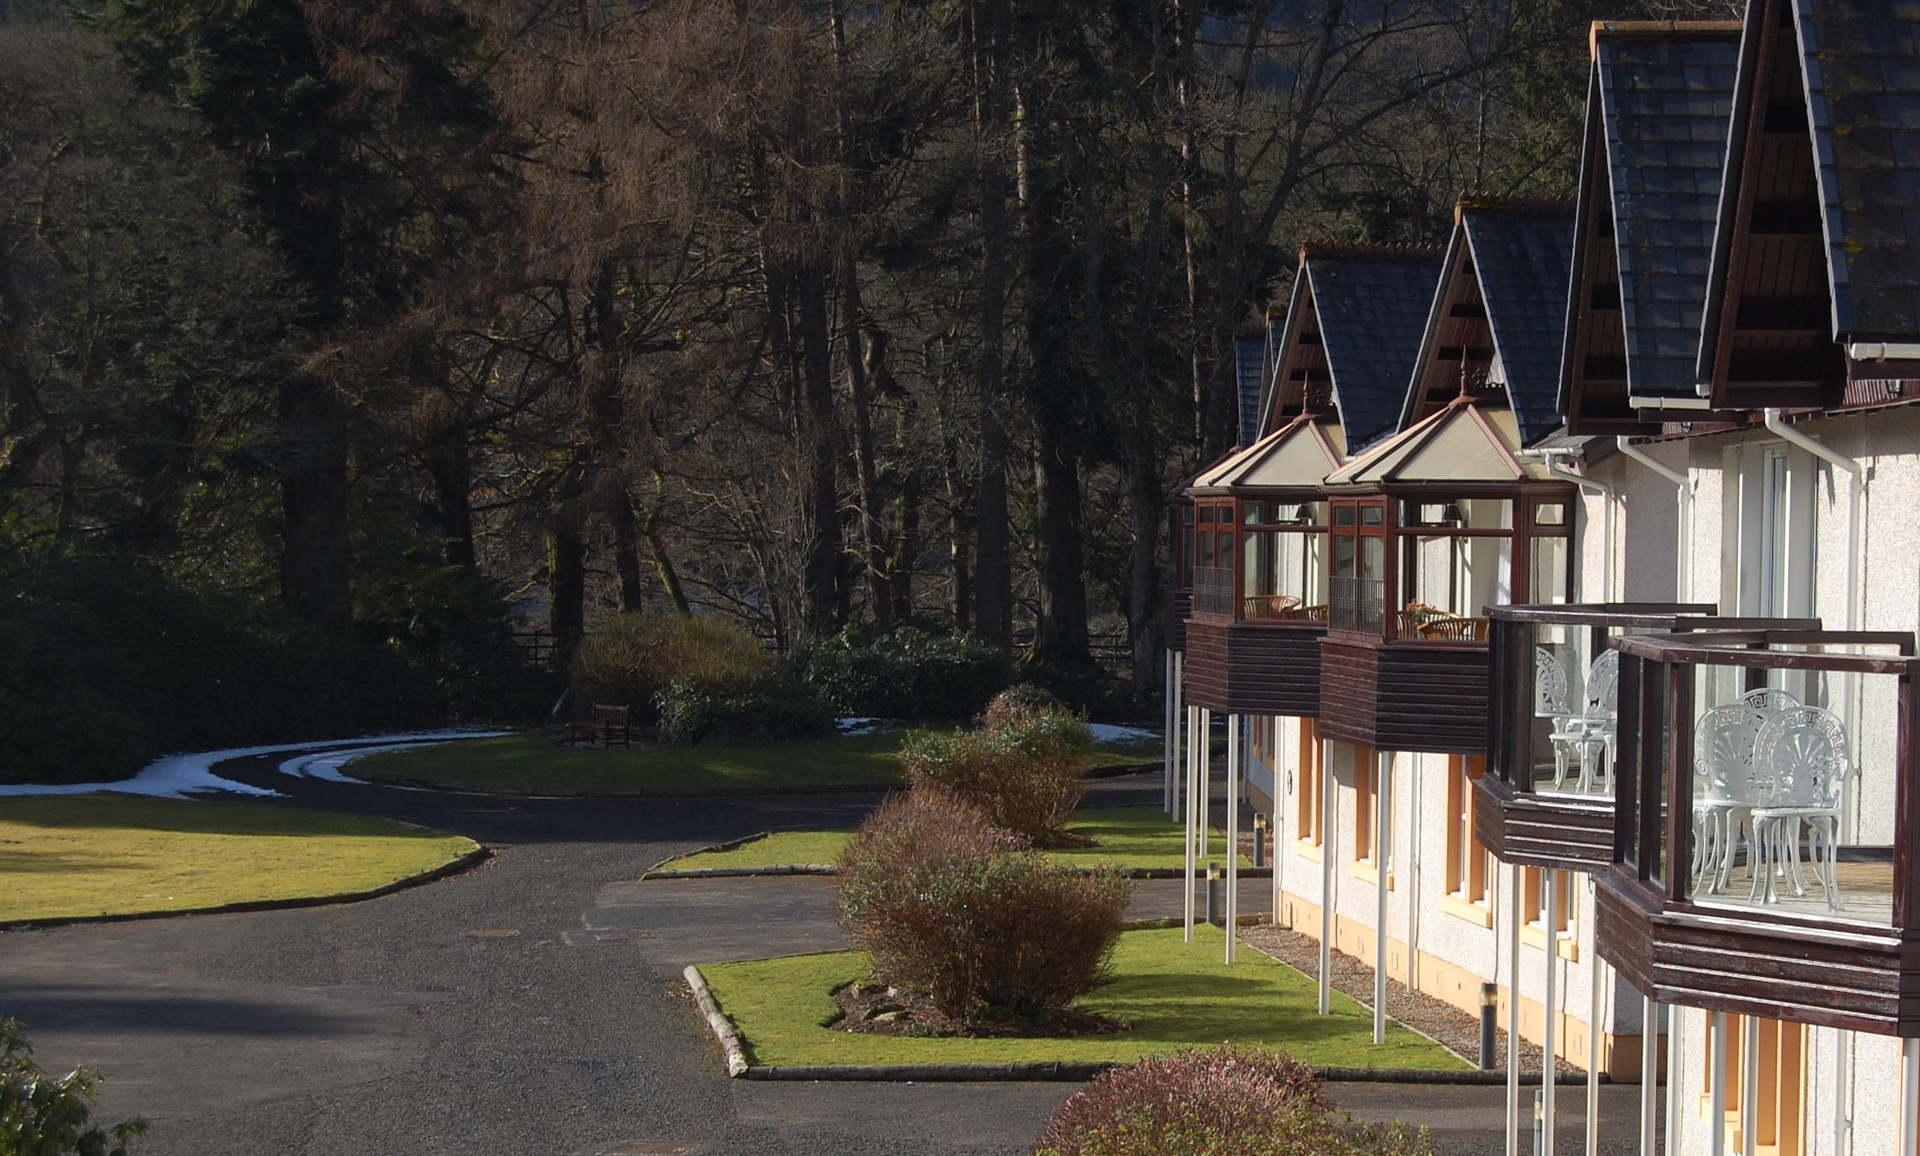 Lodges at Dunkeld